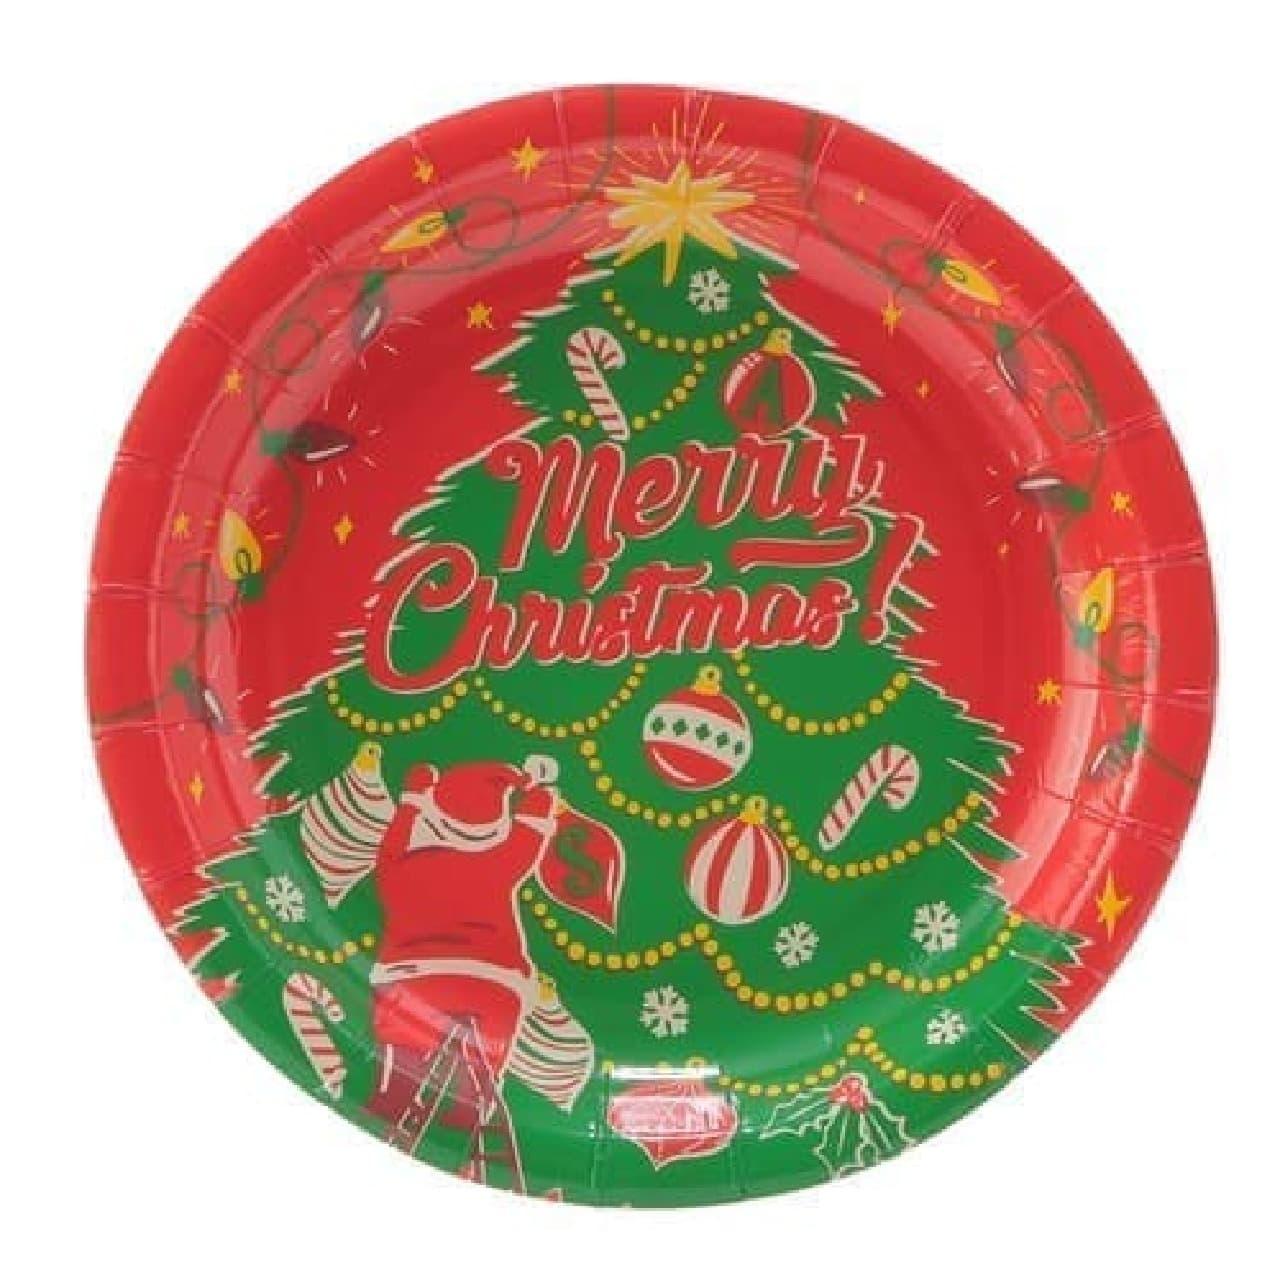 プチプラが魅力♪「オーサムストア」のクリスマスパーティー用品 -- ポップな紙皿やきらめくオーナメントなど